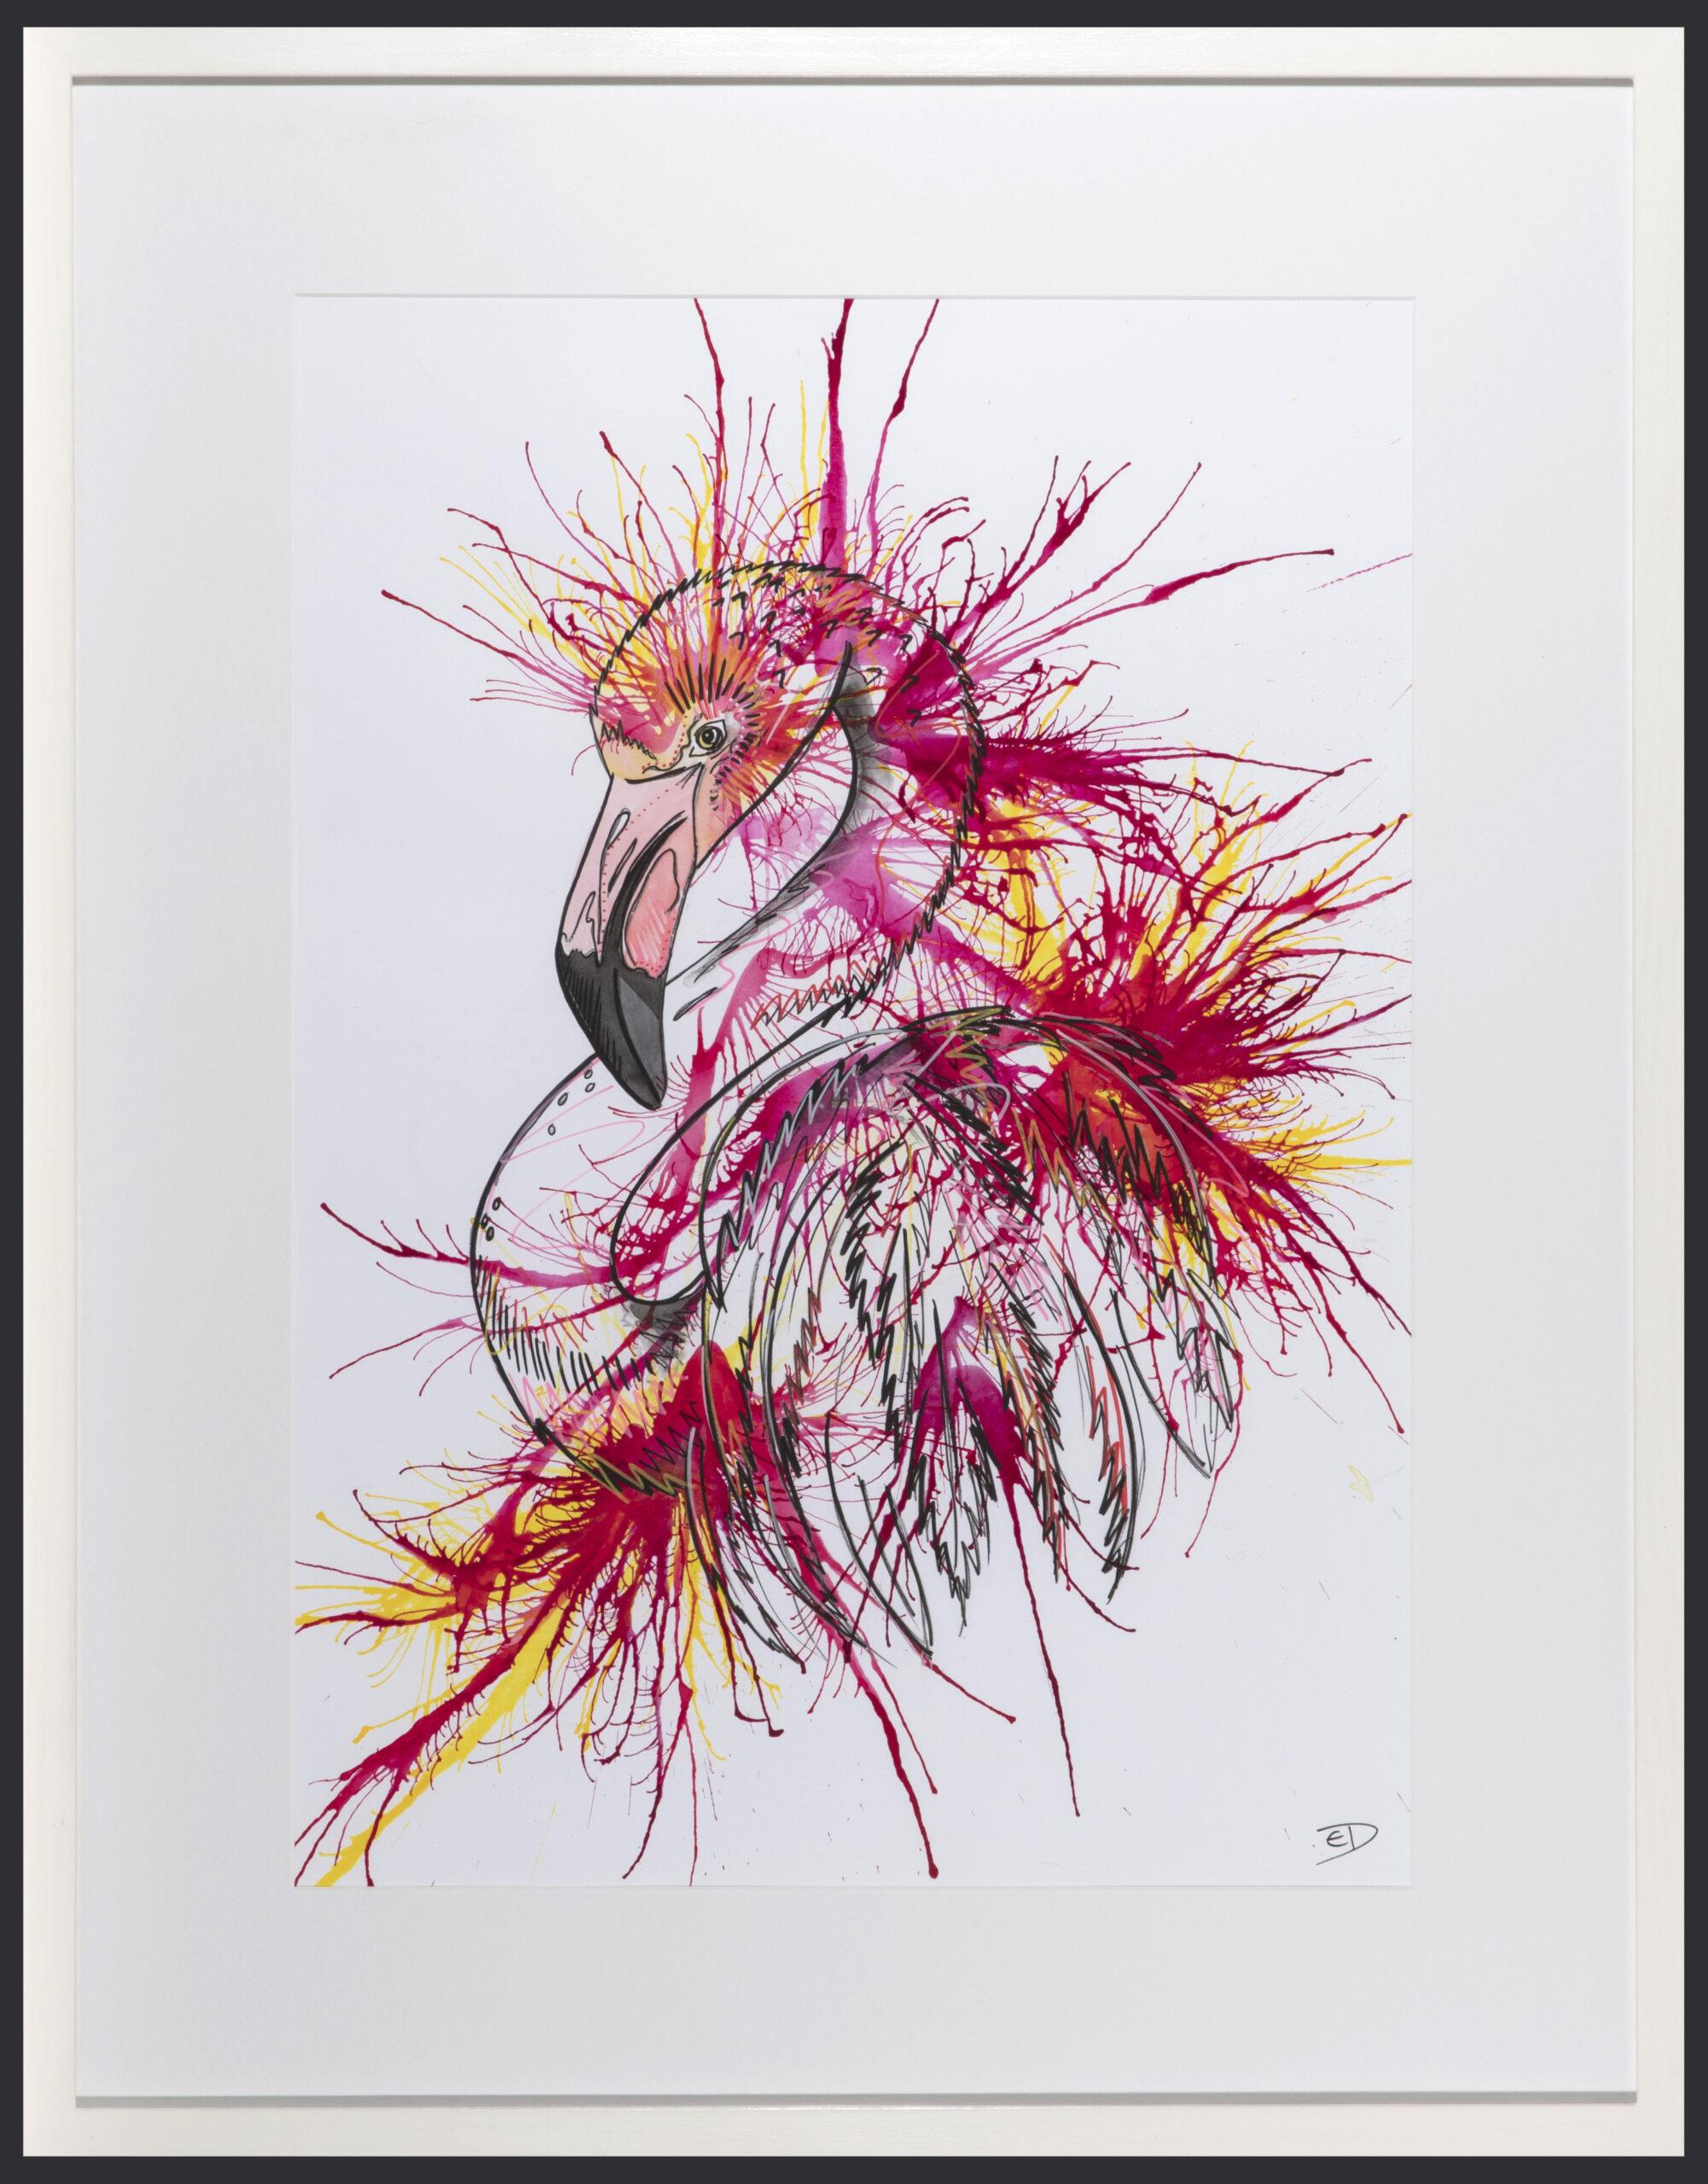 Living Art - Emily Donald - Flamingo